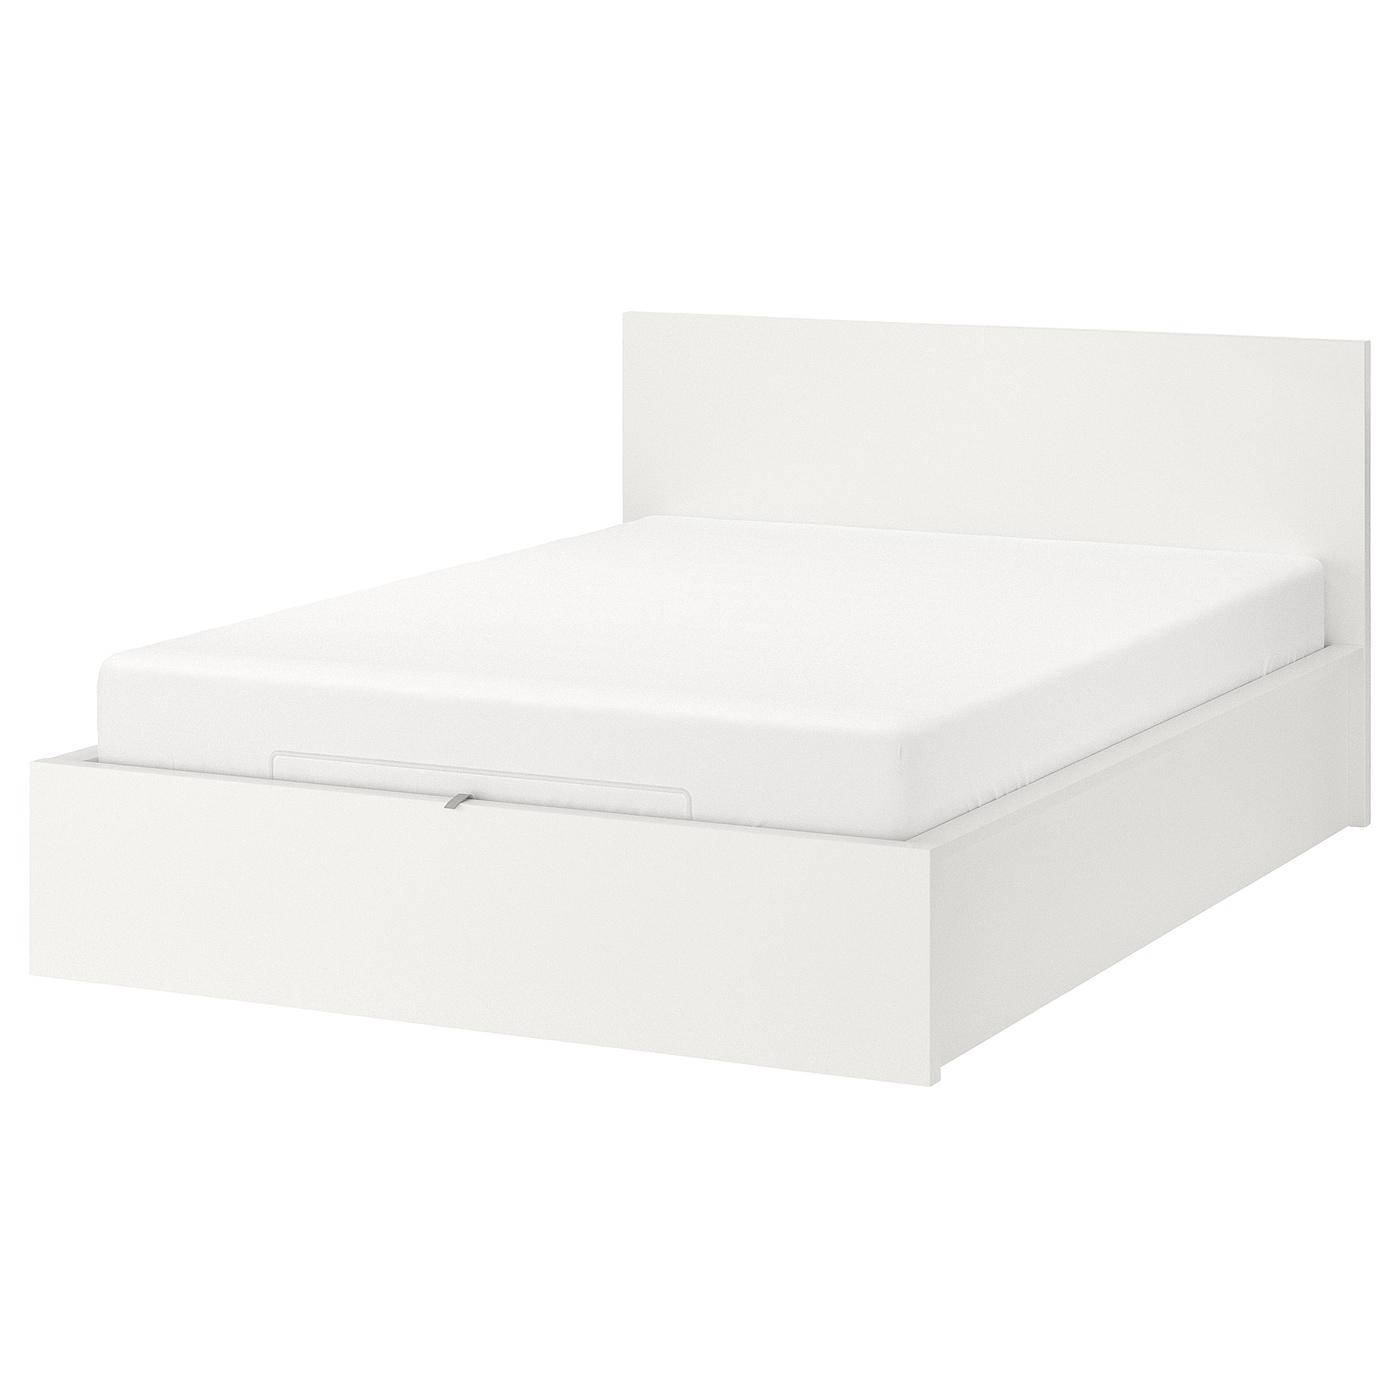 Full Size of Lattenrost Klappbar Ikea Malm Bettgestell Mit Aufbewahrung Wei Deutschland Bett 140x200 Matratze Und 120x200 90x200 Betten 160x200 Ausklappbar Schlafzimmer Wohnzimmer Lattenrost Klappbar Ikea